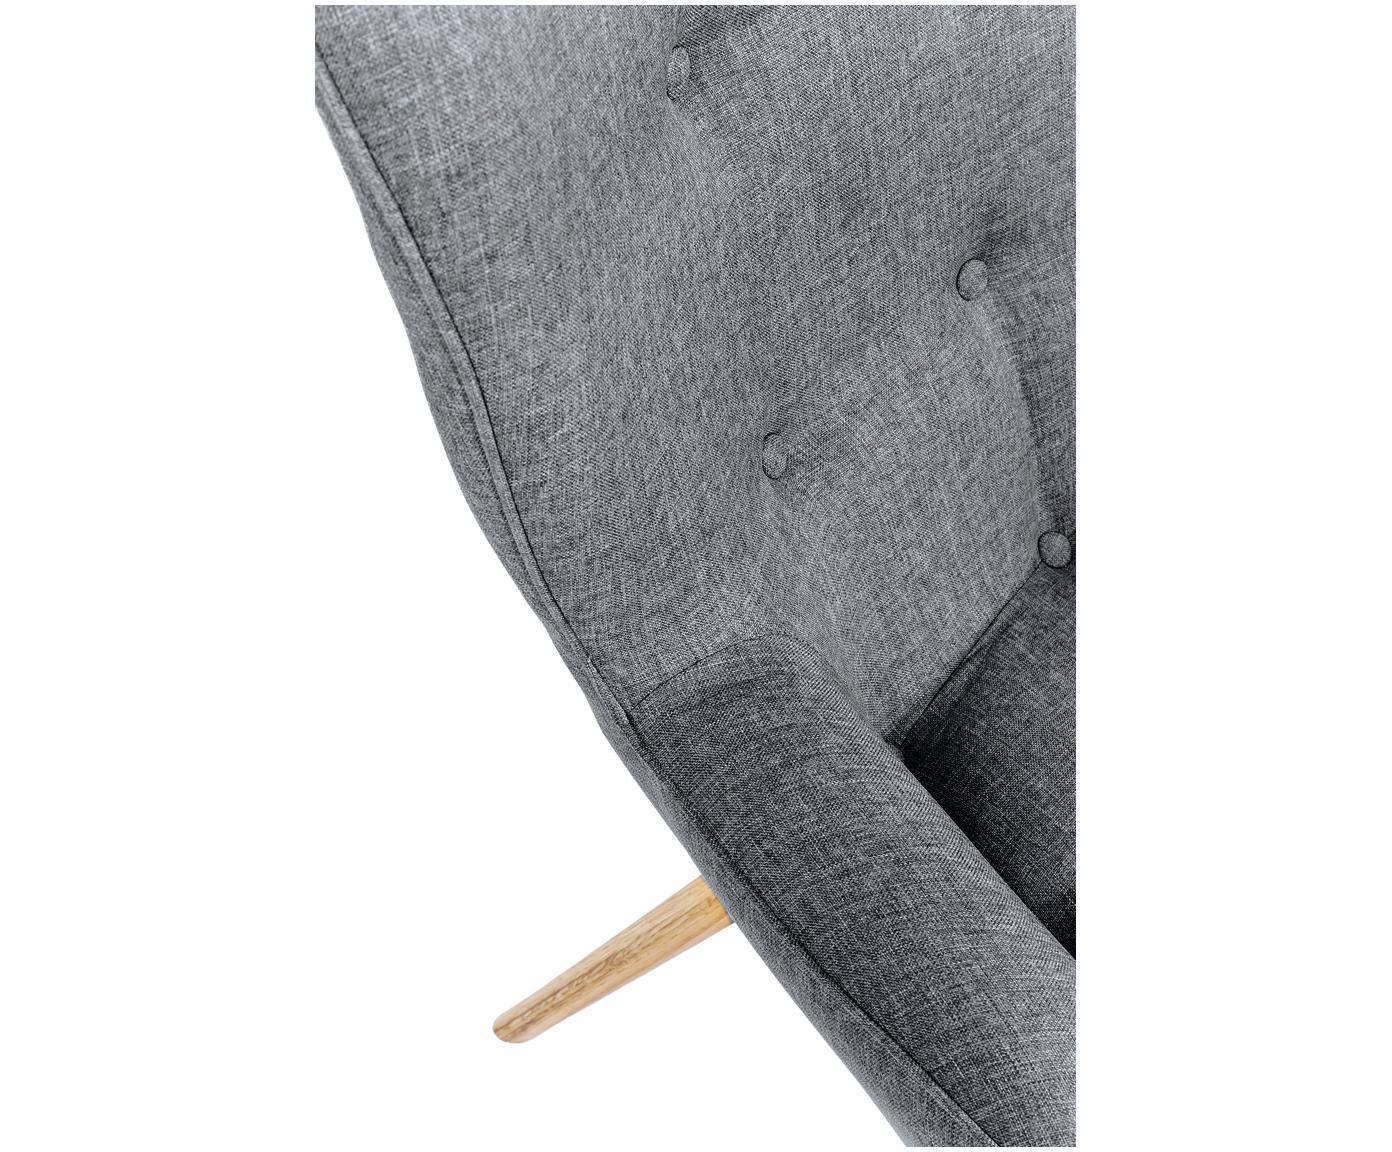 Poltrona ad ala grigia Vicky, Rivestimento: poliestere 50.000 cicli d, Gambe: legno di quercia, massicc, Tessuto grigio, Larg. 59 x Prof. 63 cm